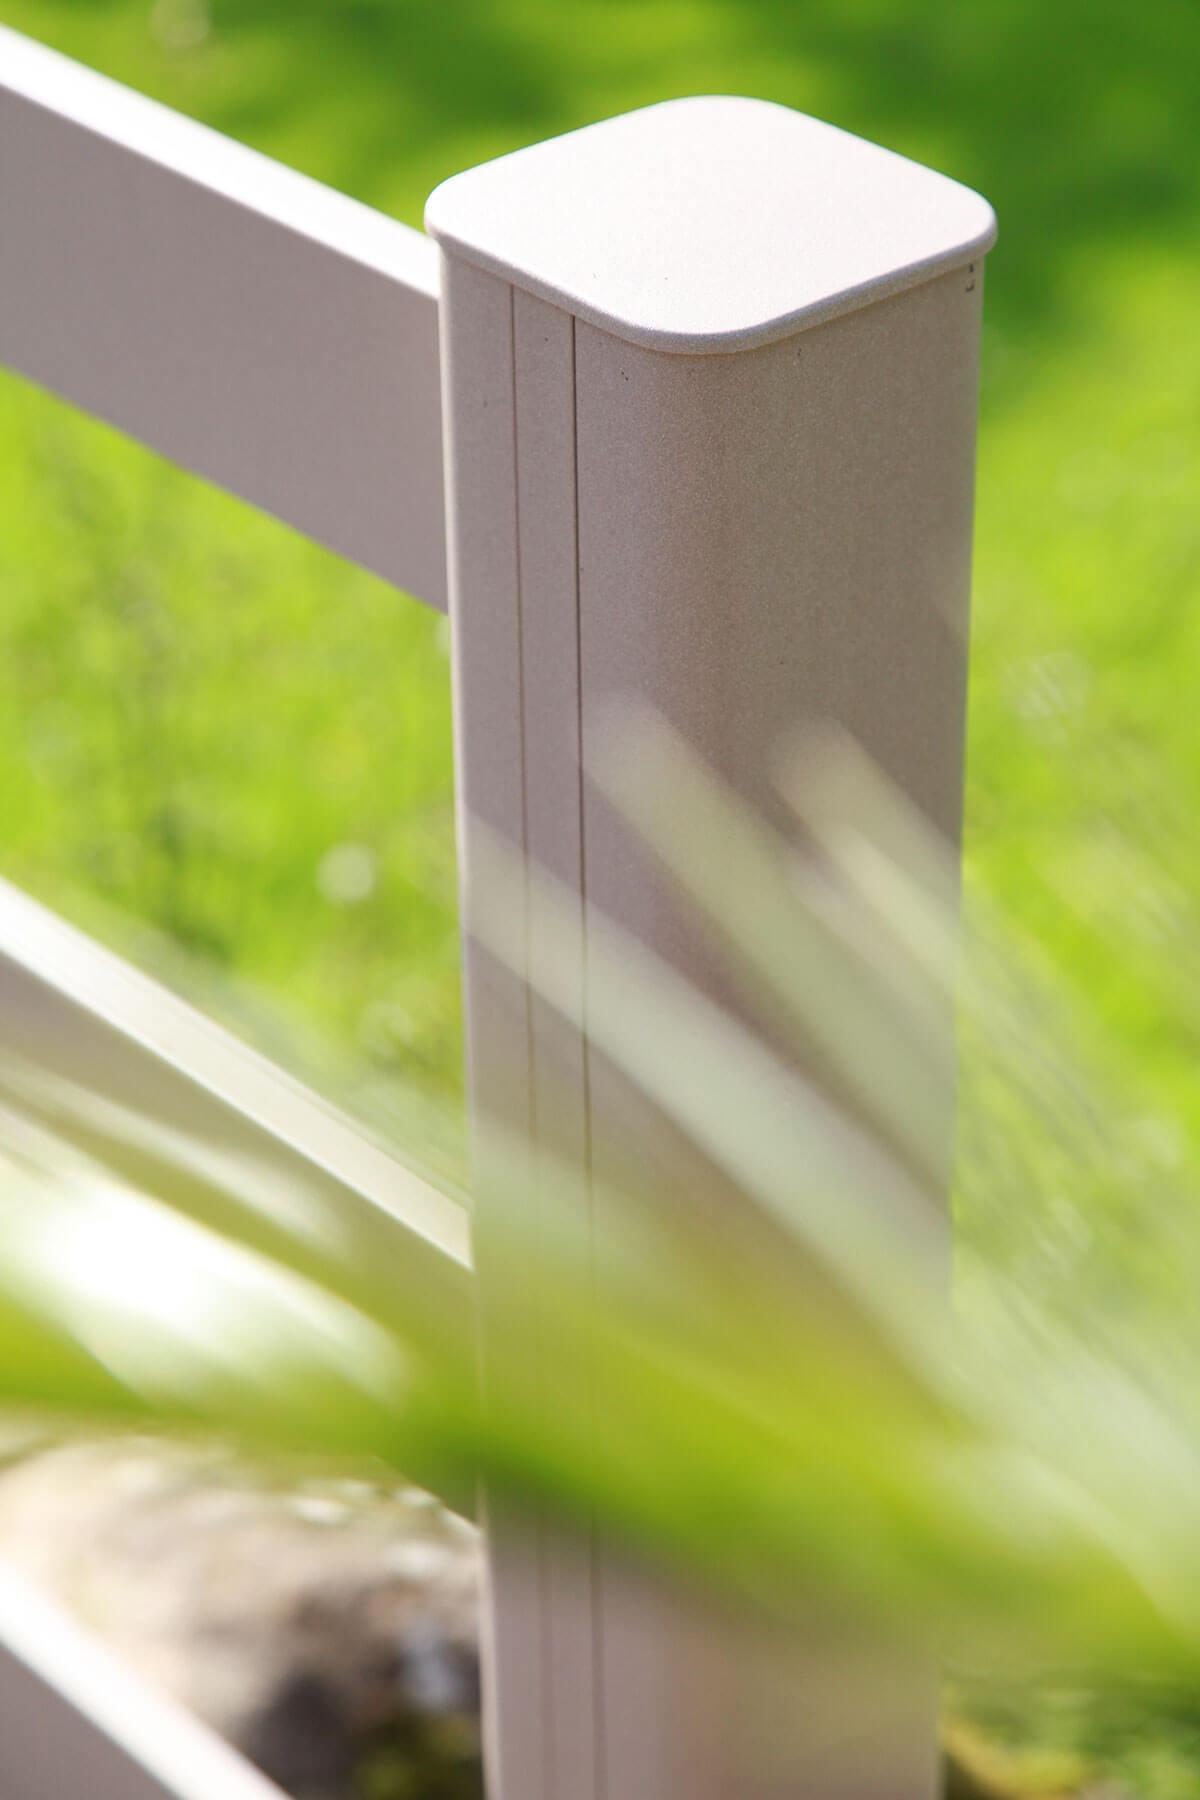 La clôture de jardin, une délimitation de l'espace pratique et esthétique